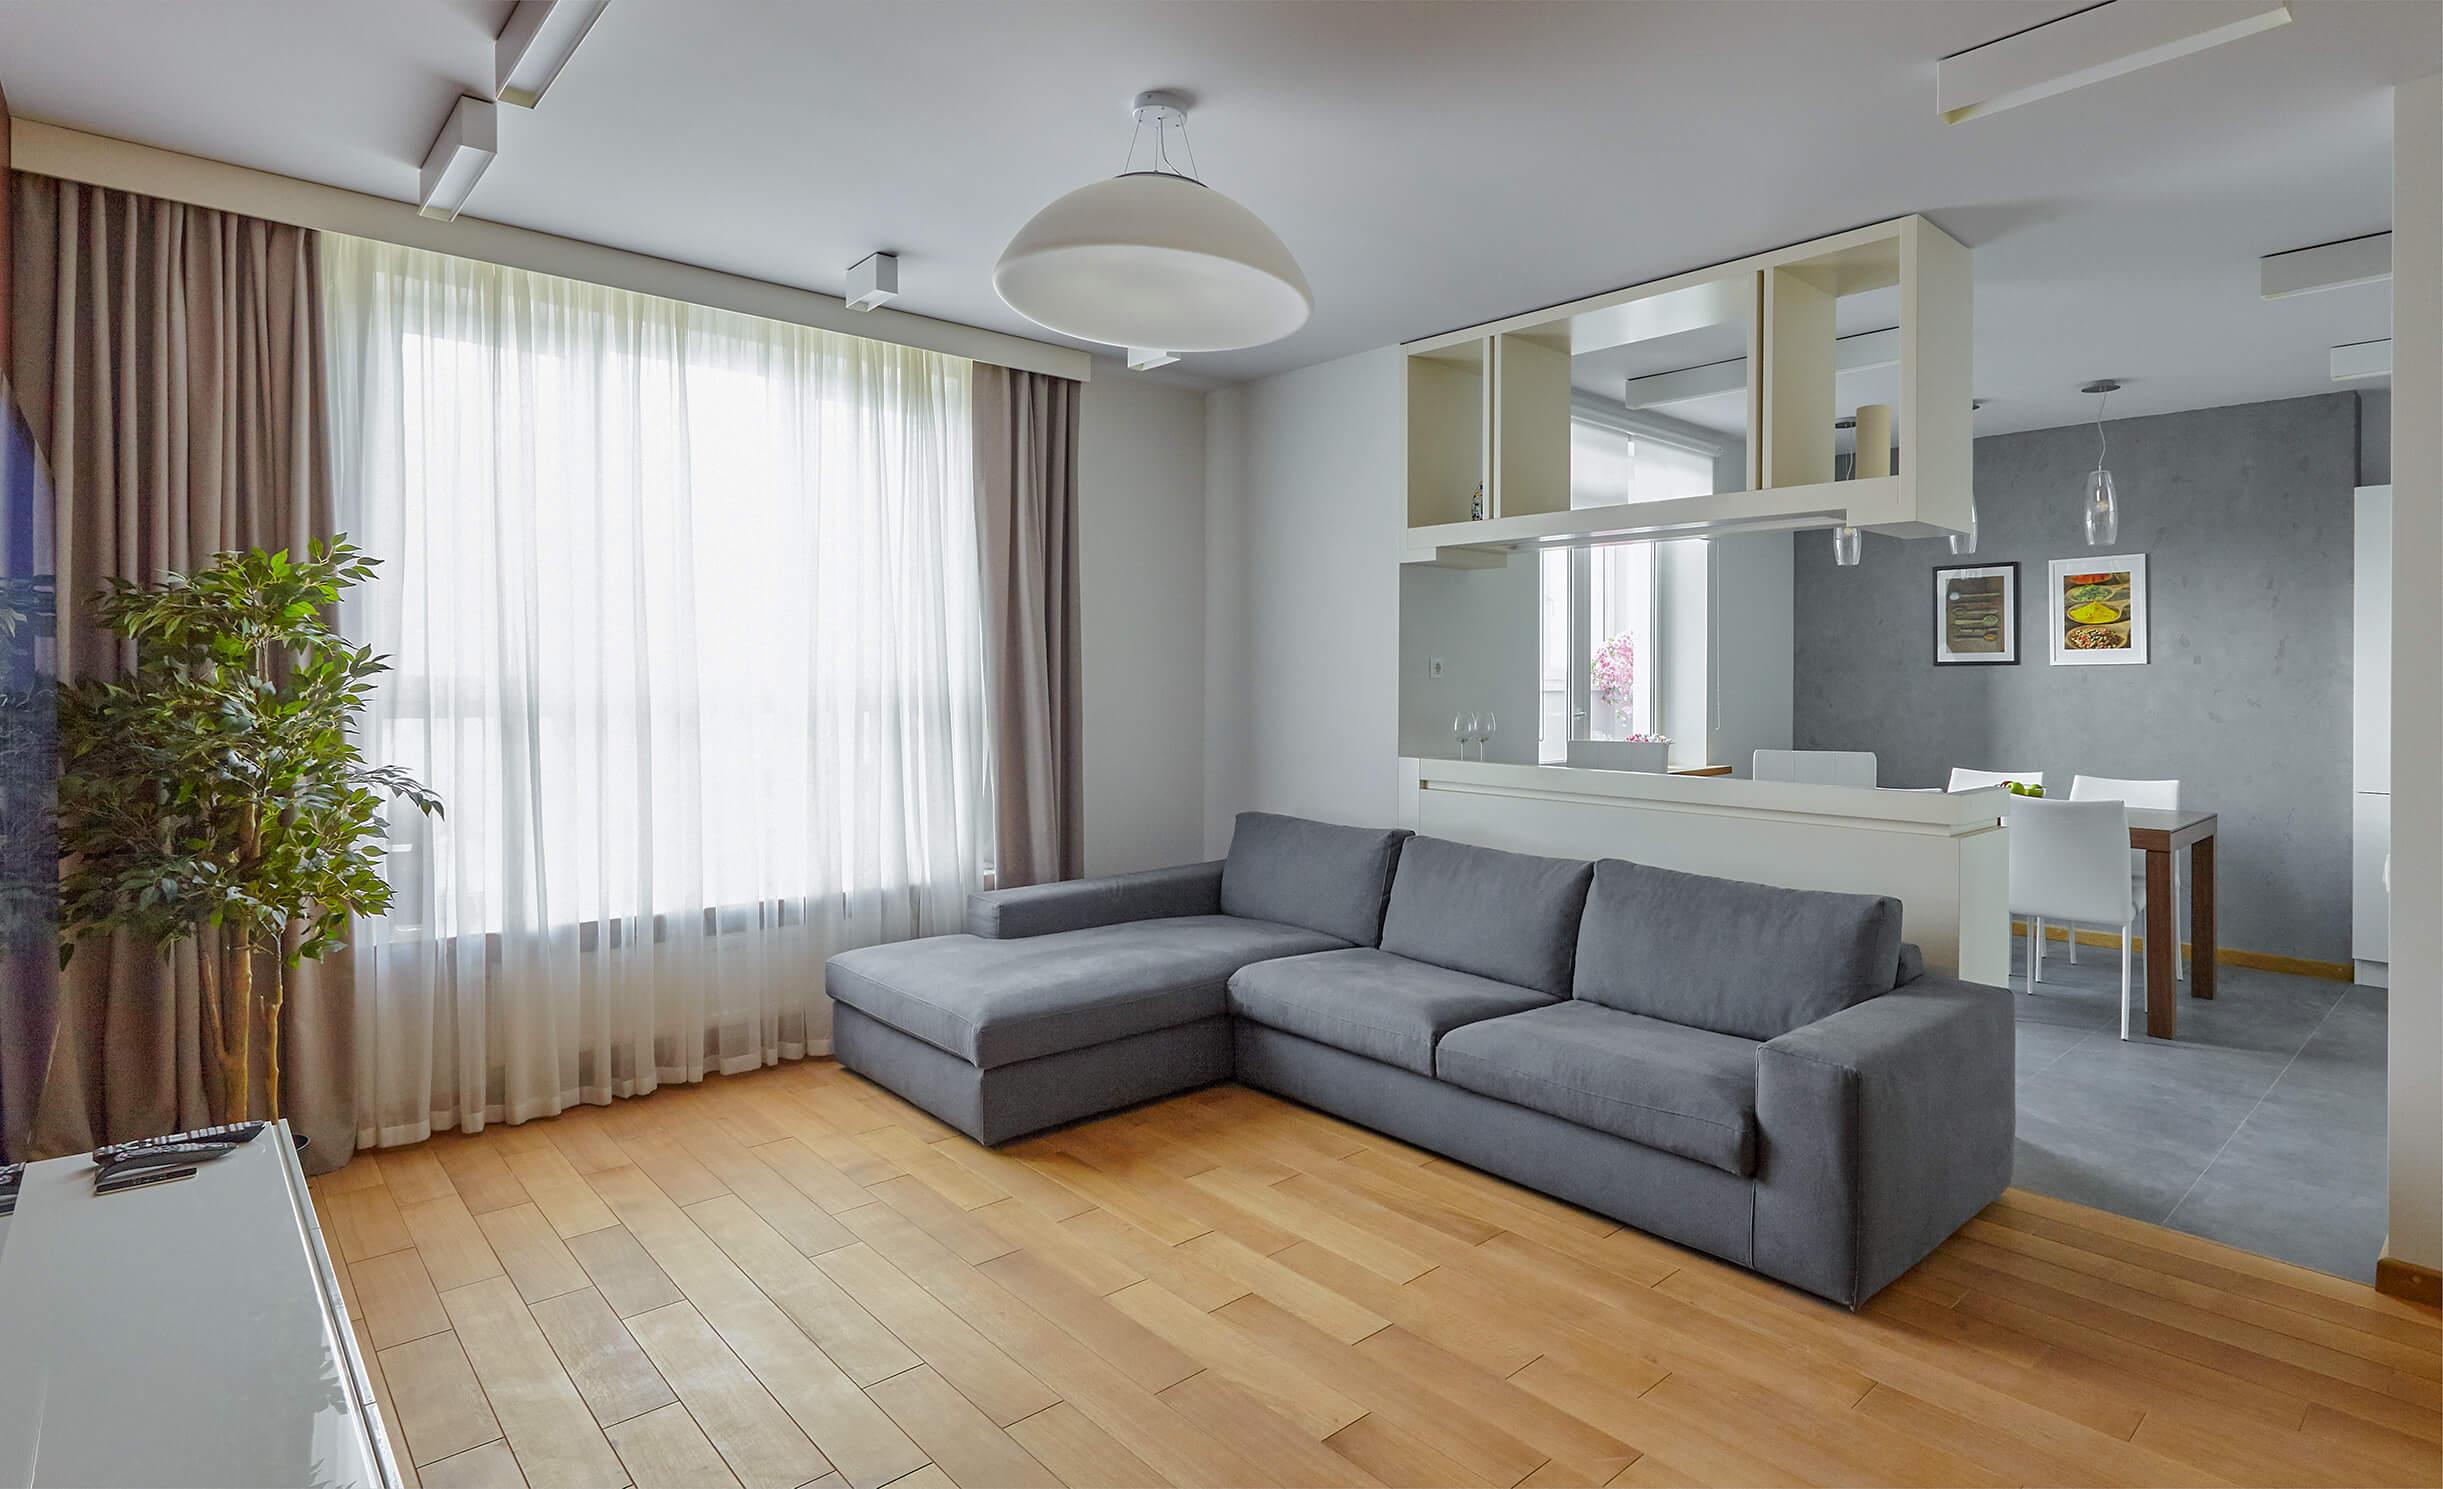 Контрастный интерьер квартиры в Нижнем Новгороде без лишних деталей